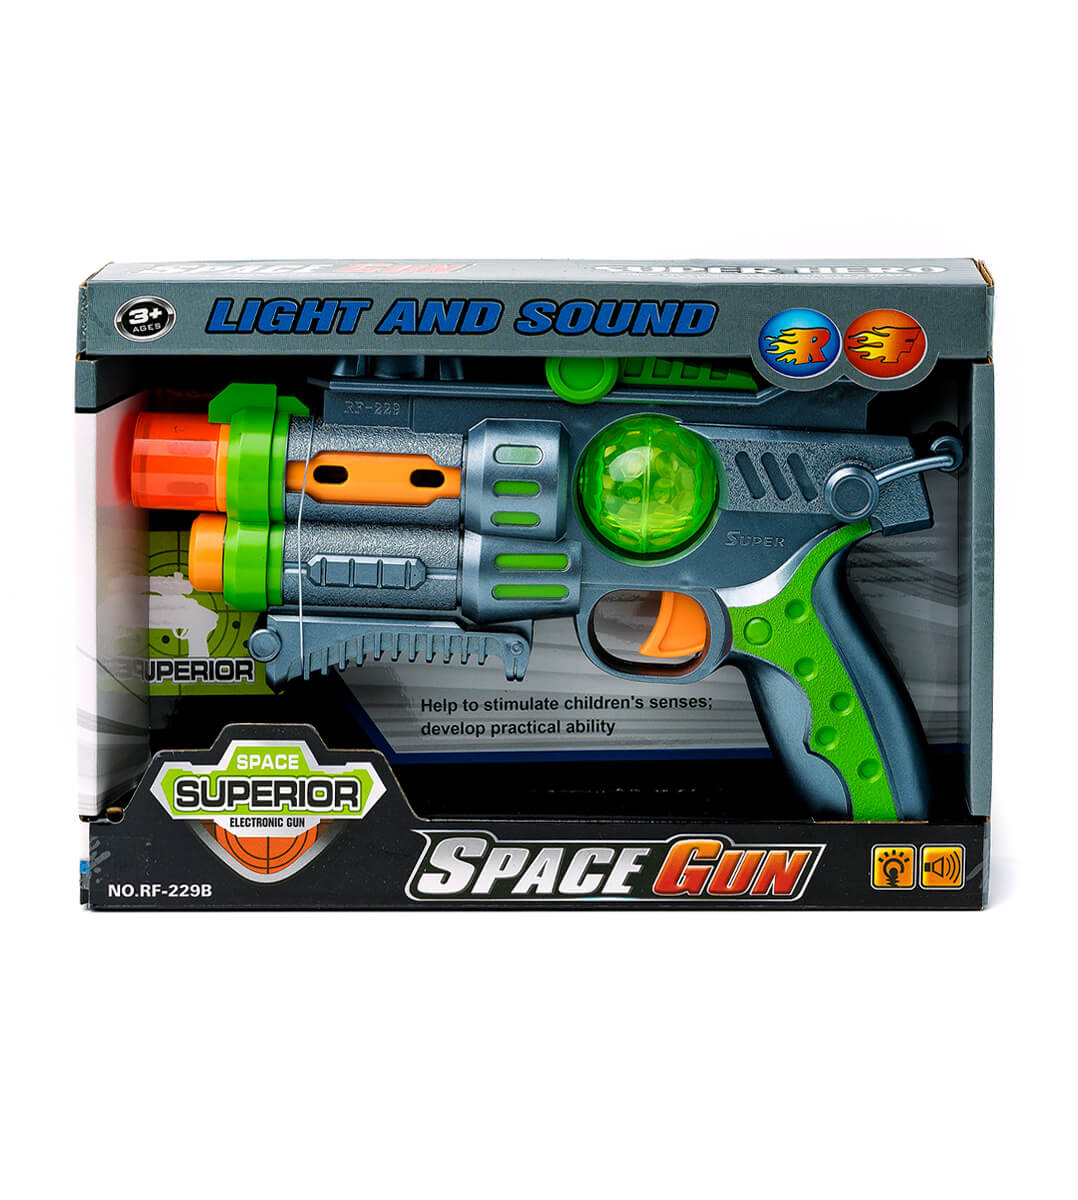 Іграшковий Пістолет зі звуком та світлом в коробці с